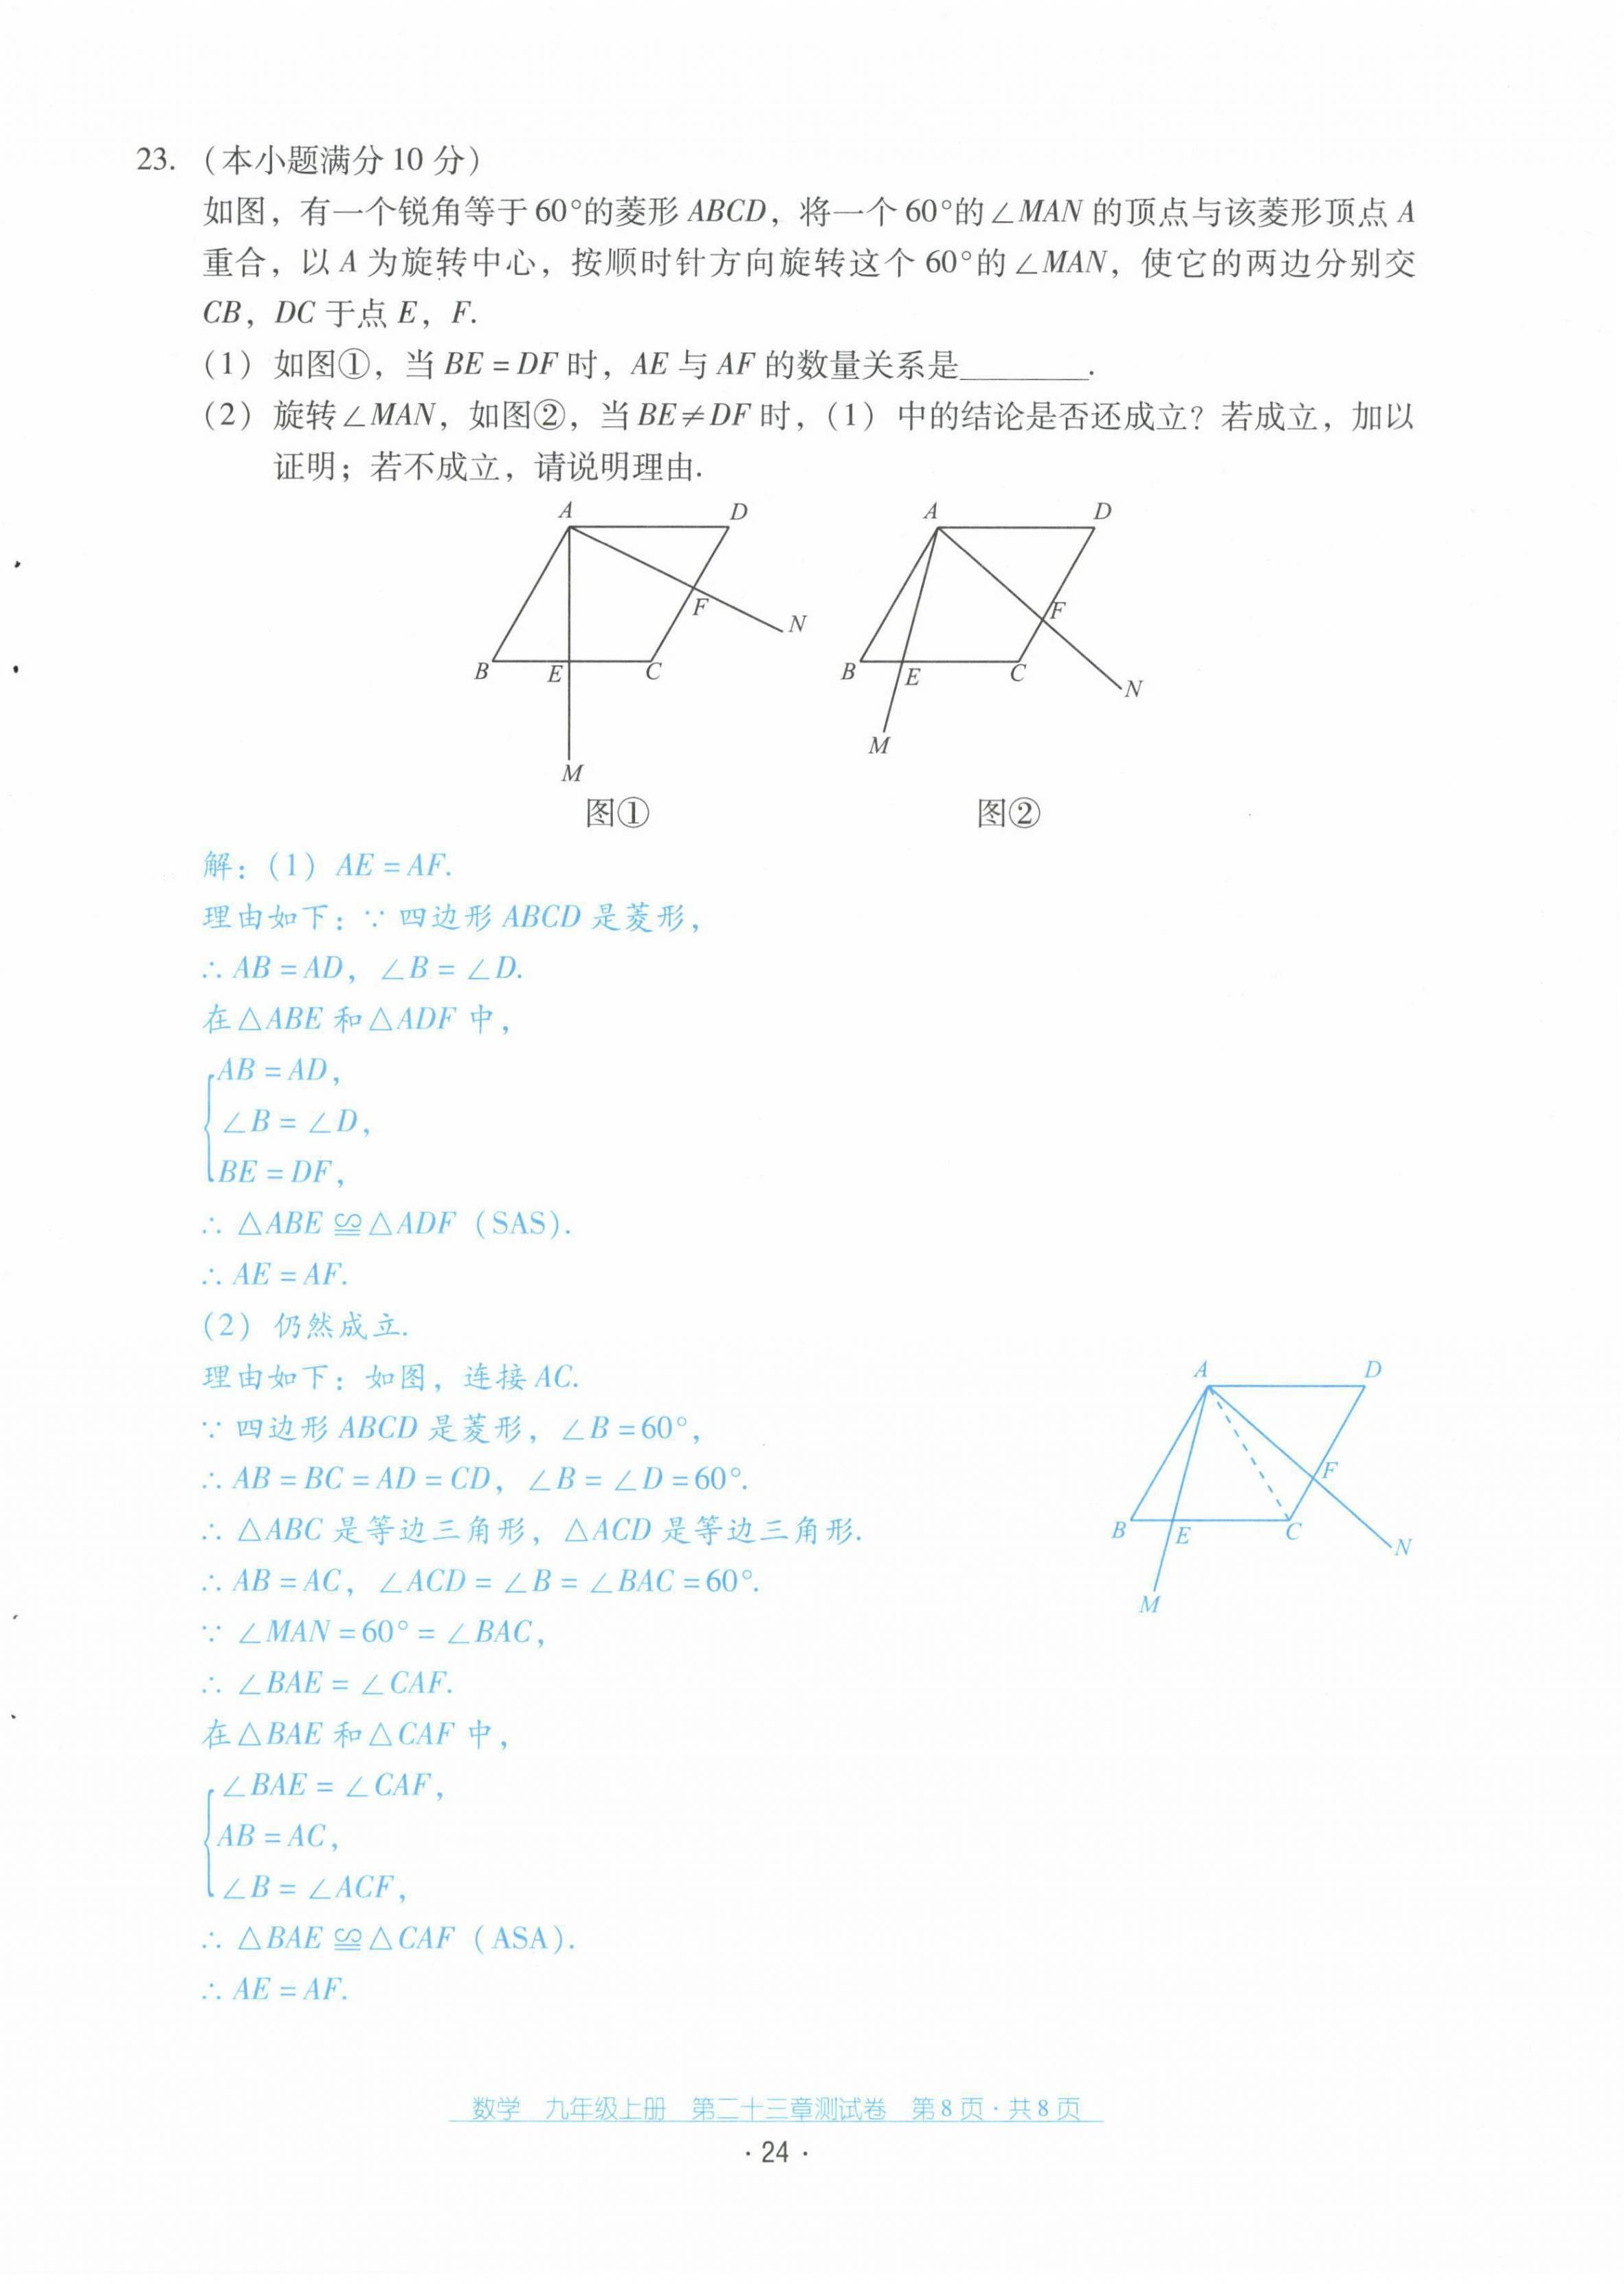 2021年云南省标准教辅优佳学案配套测试卷九年级数学上册人教版第24页